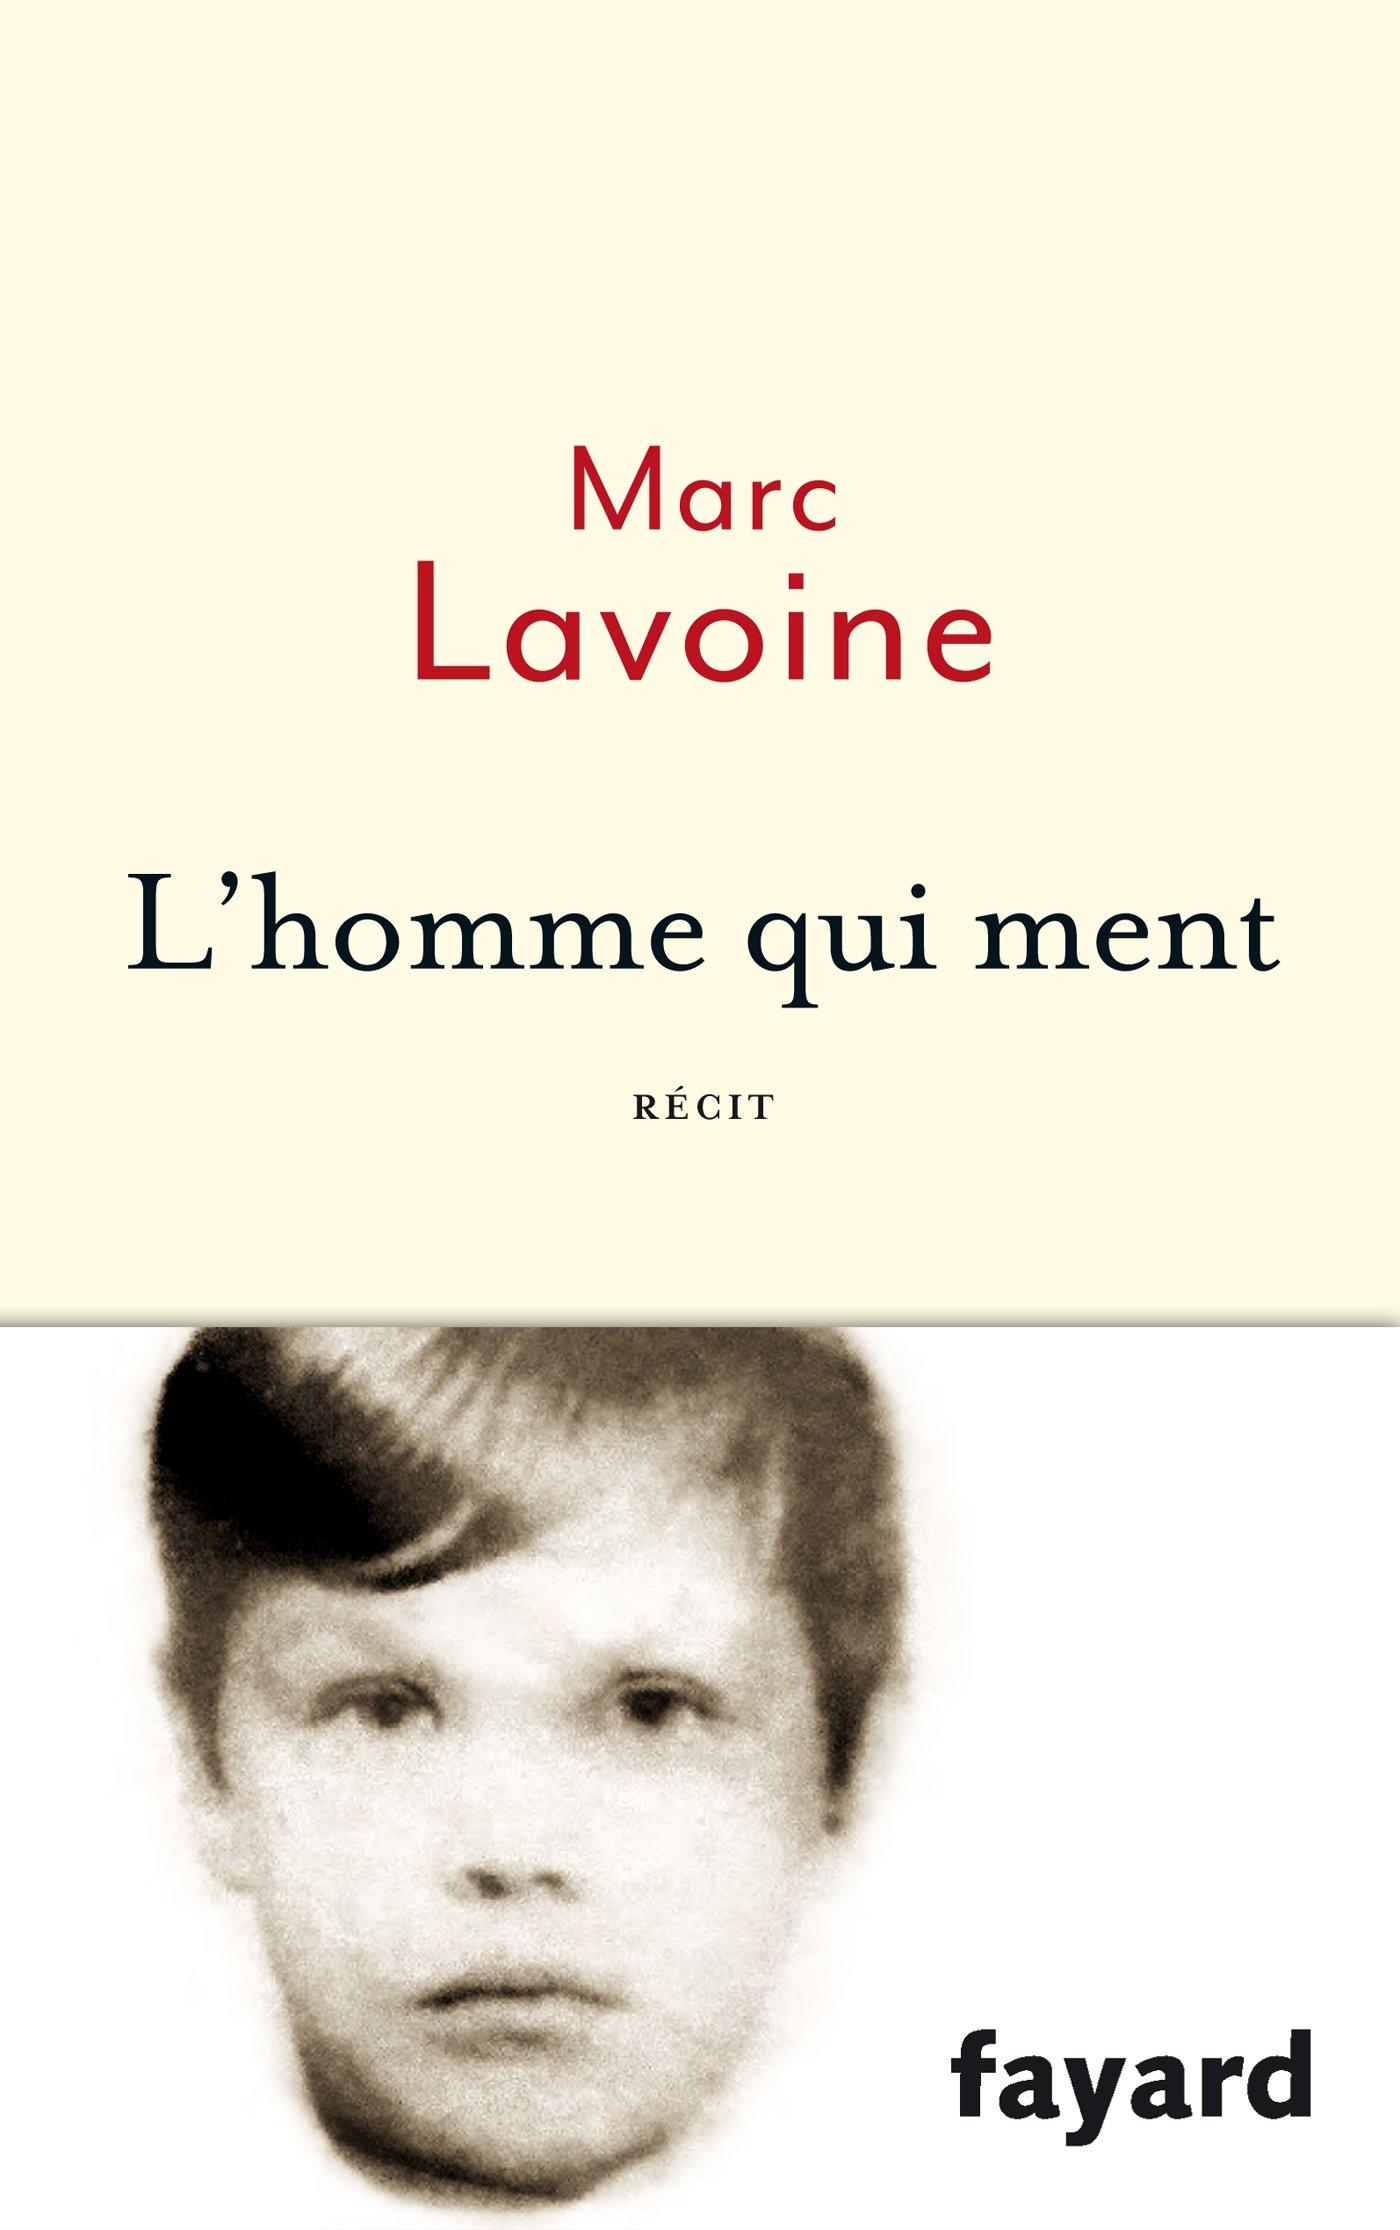 L'homme qui ment - Marc Lavoine